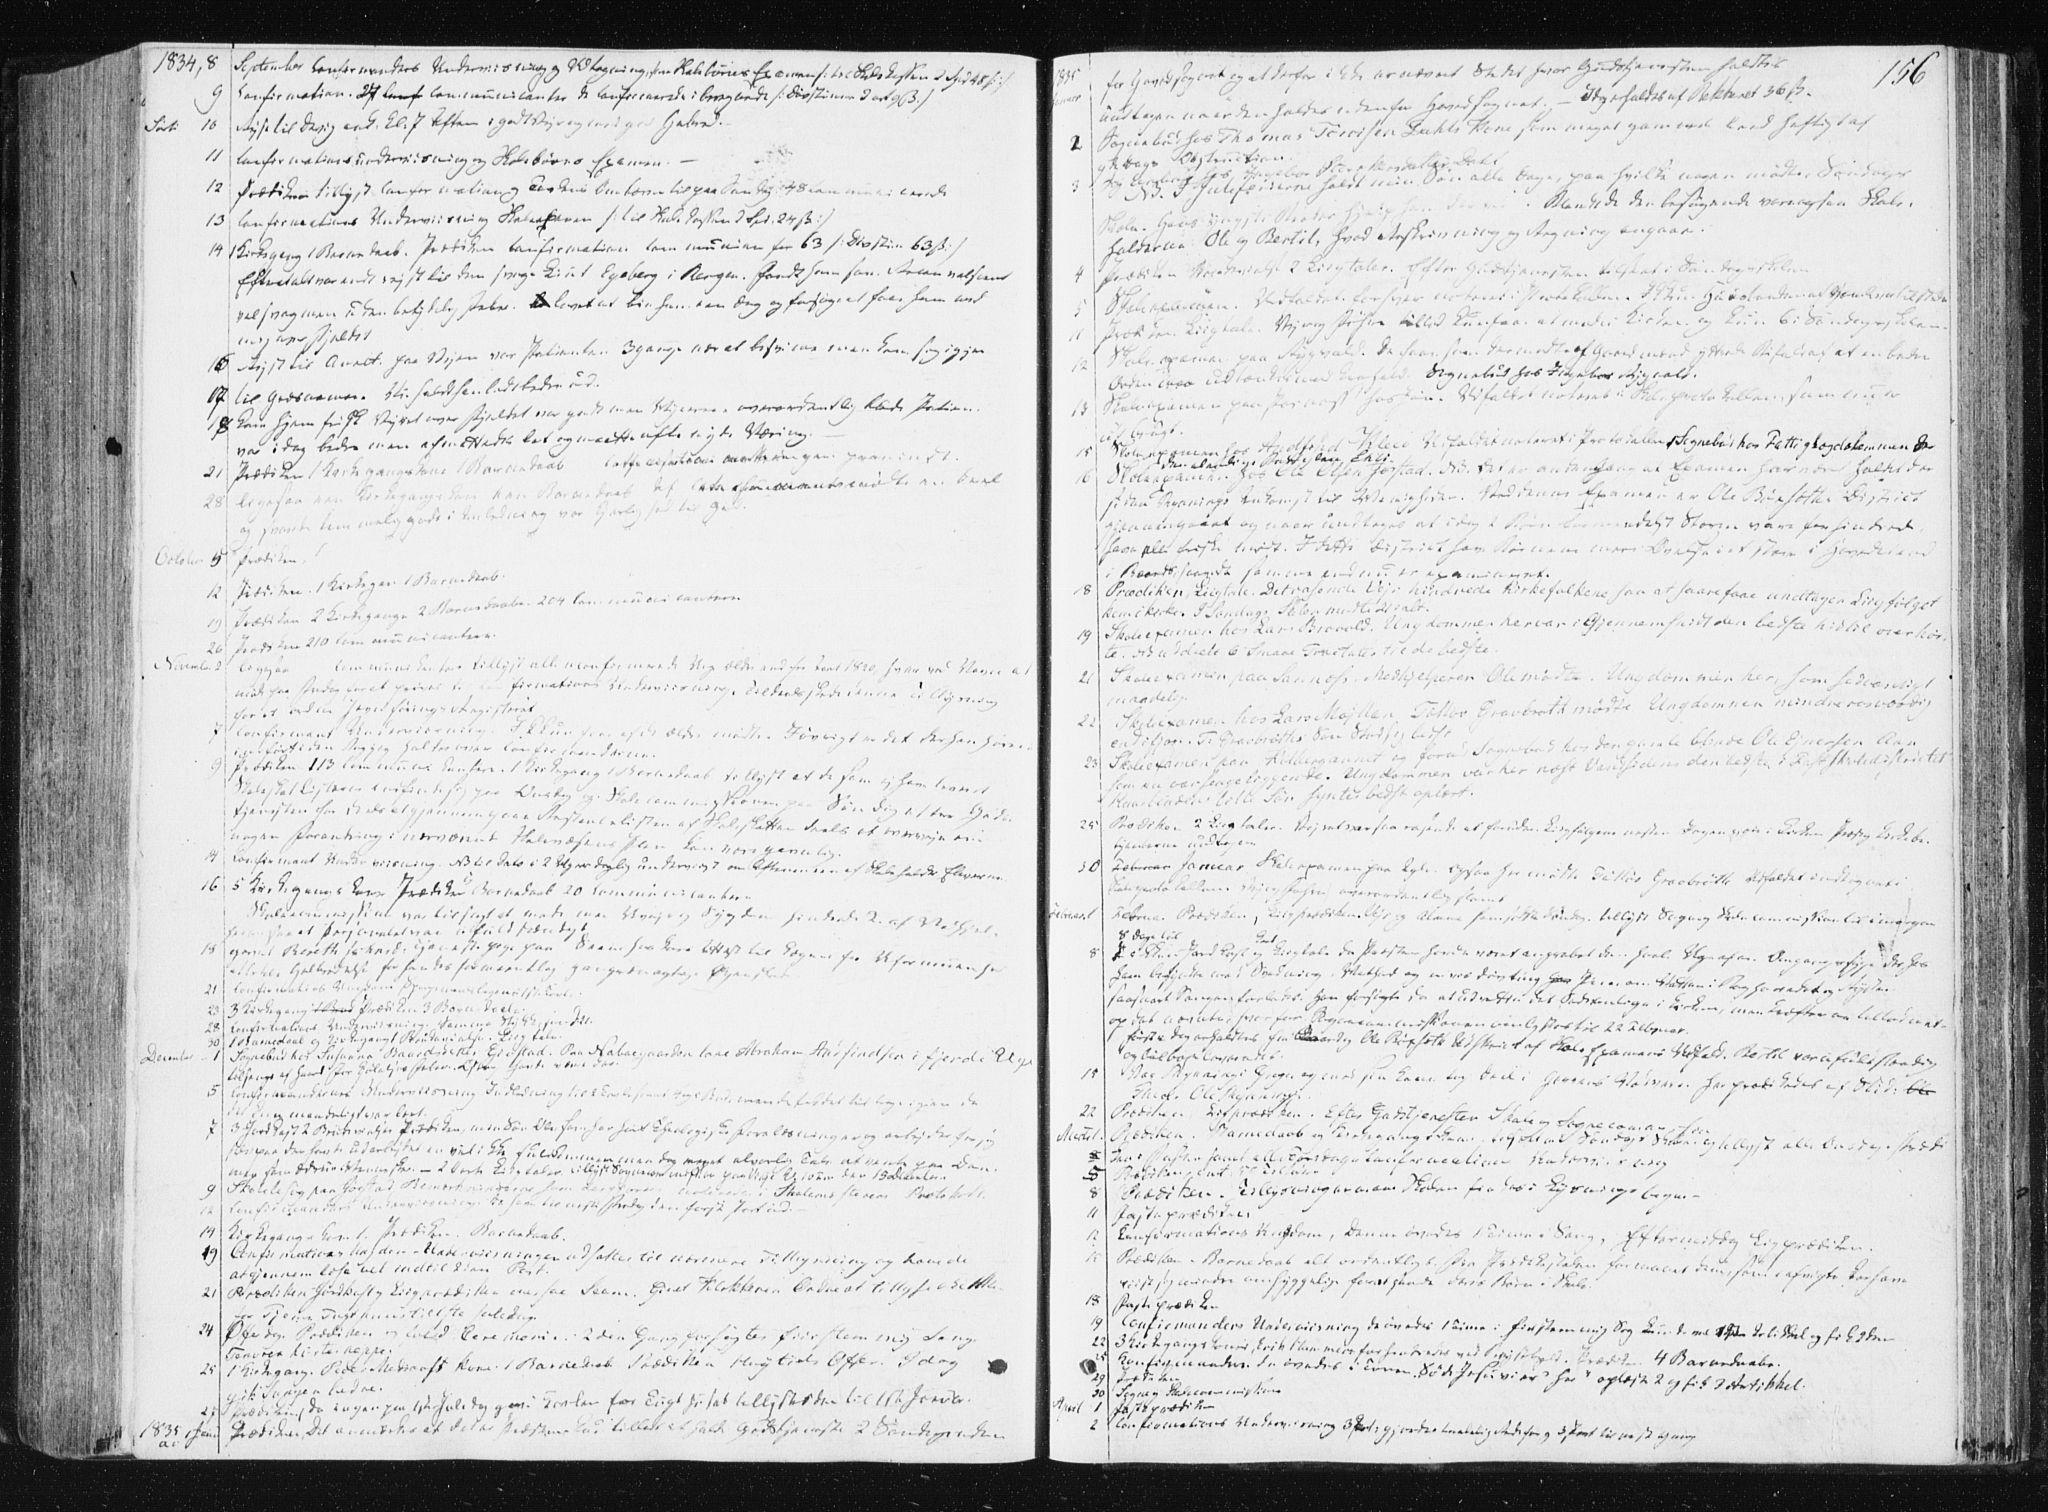 SAT, Ministerialprotokoller, klokkerbøker og fødselsregistre - Nord-Trøndelag, 749/L0470: Ministerialbok nr. 749A04, 1834-1853, s. 156